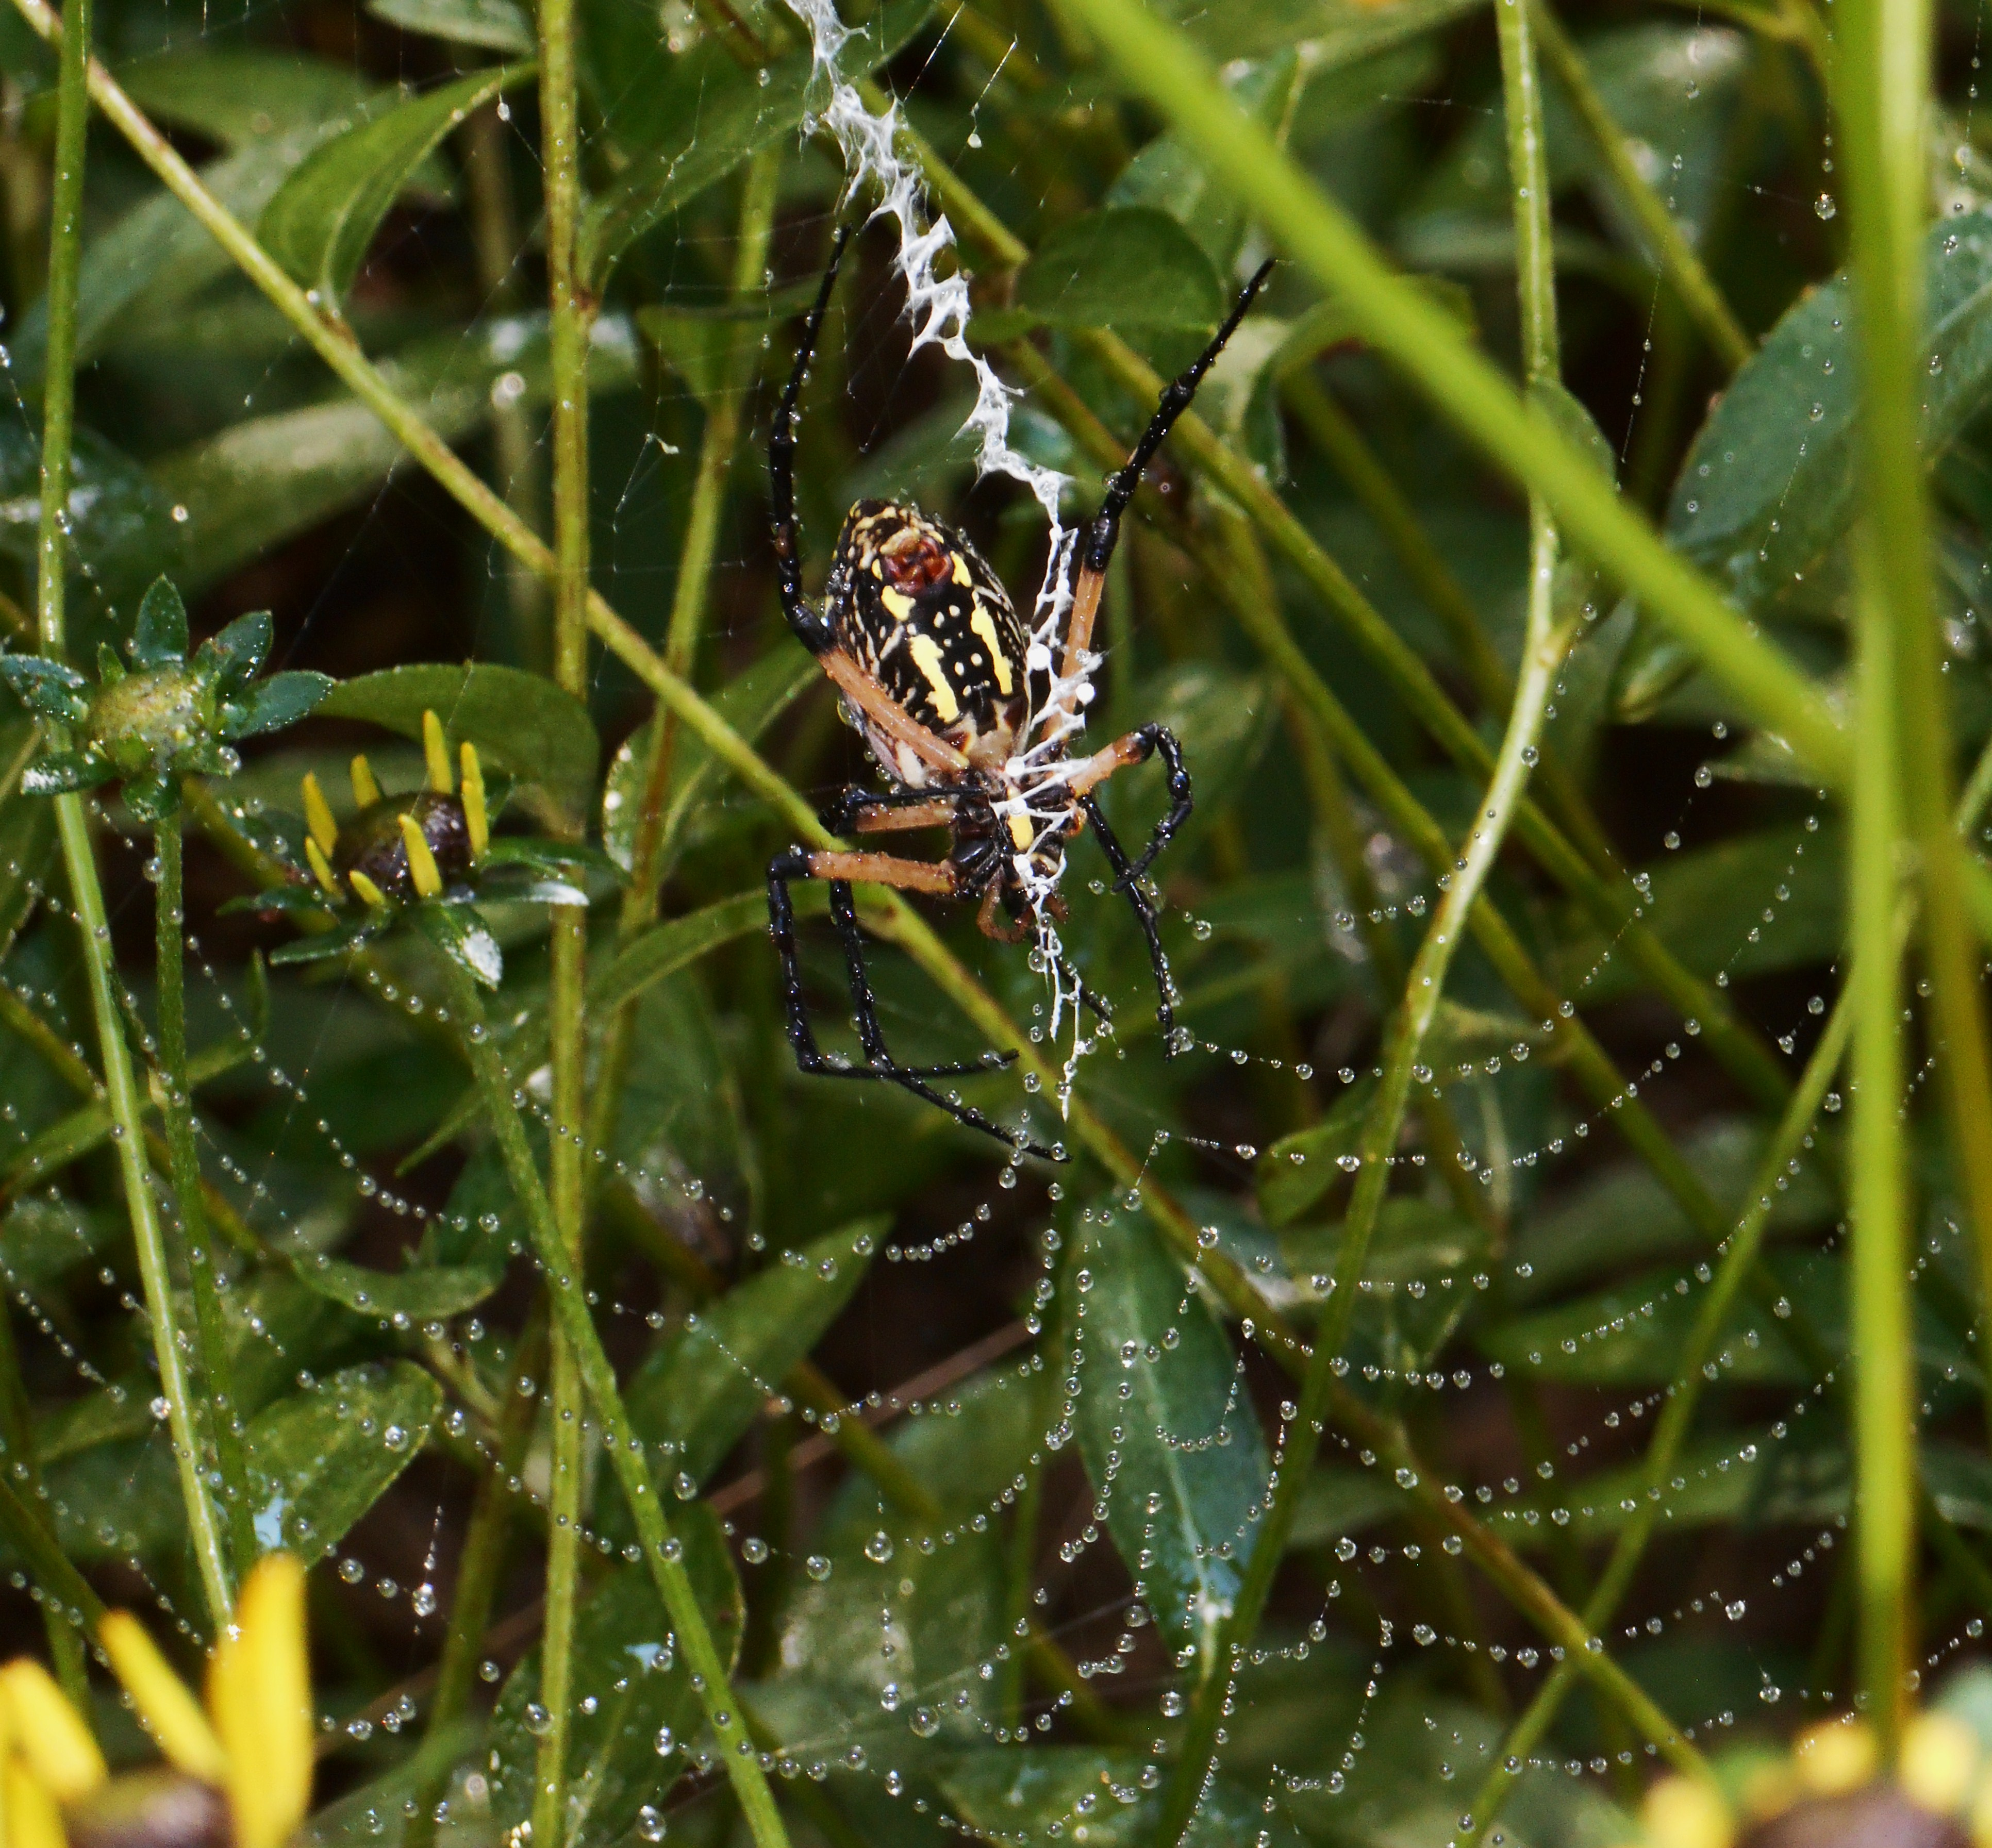 August 28, 2016 spider 010